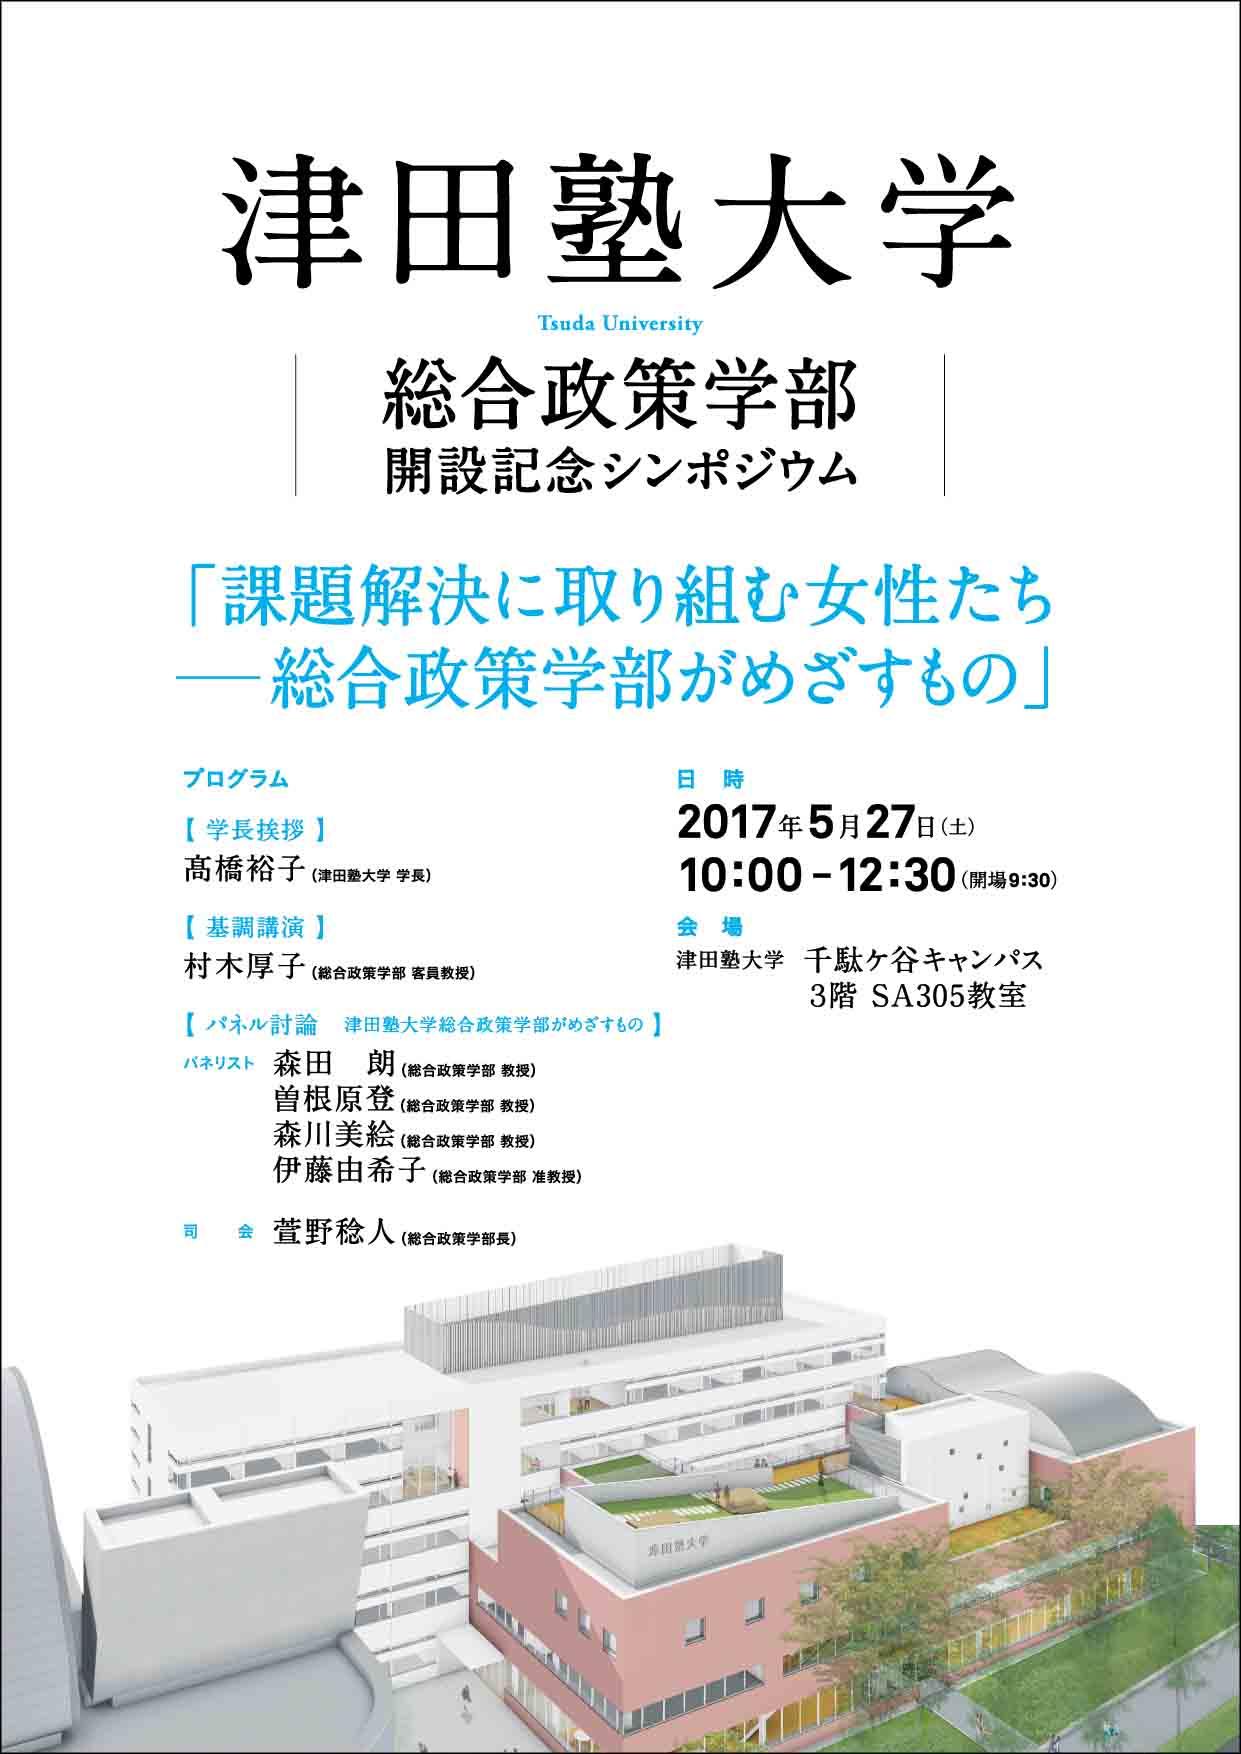 Tsuda University